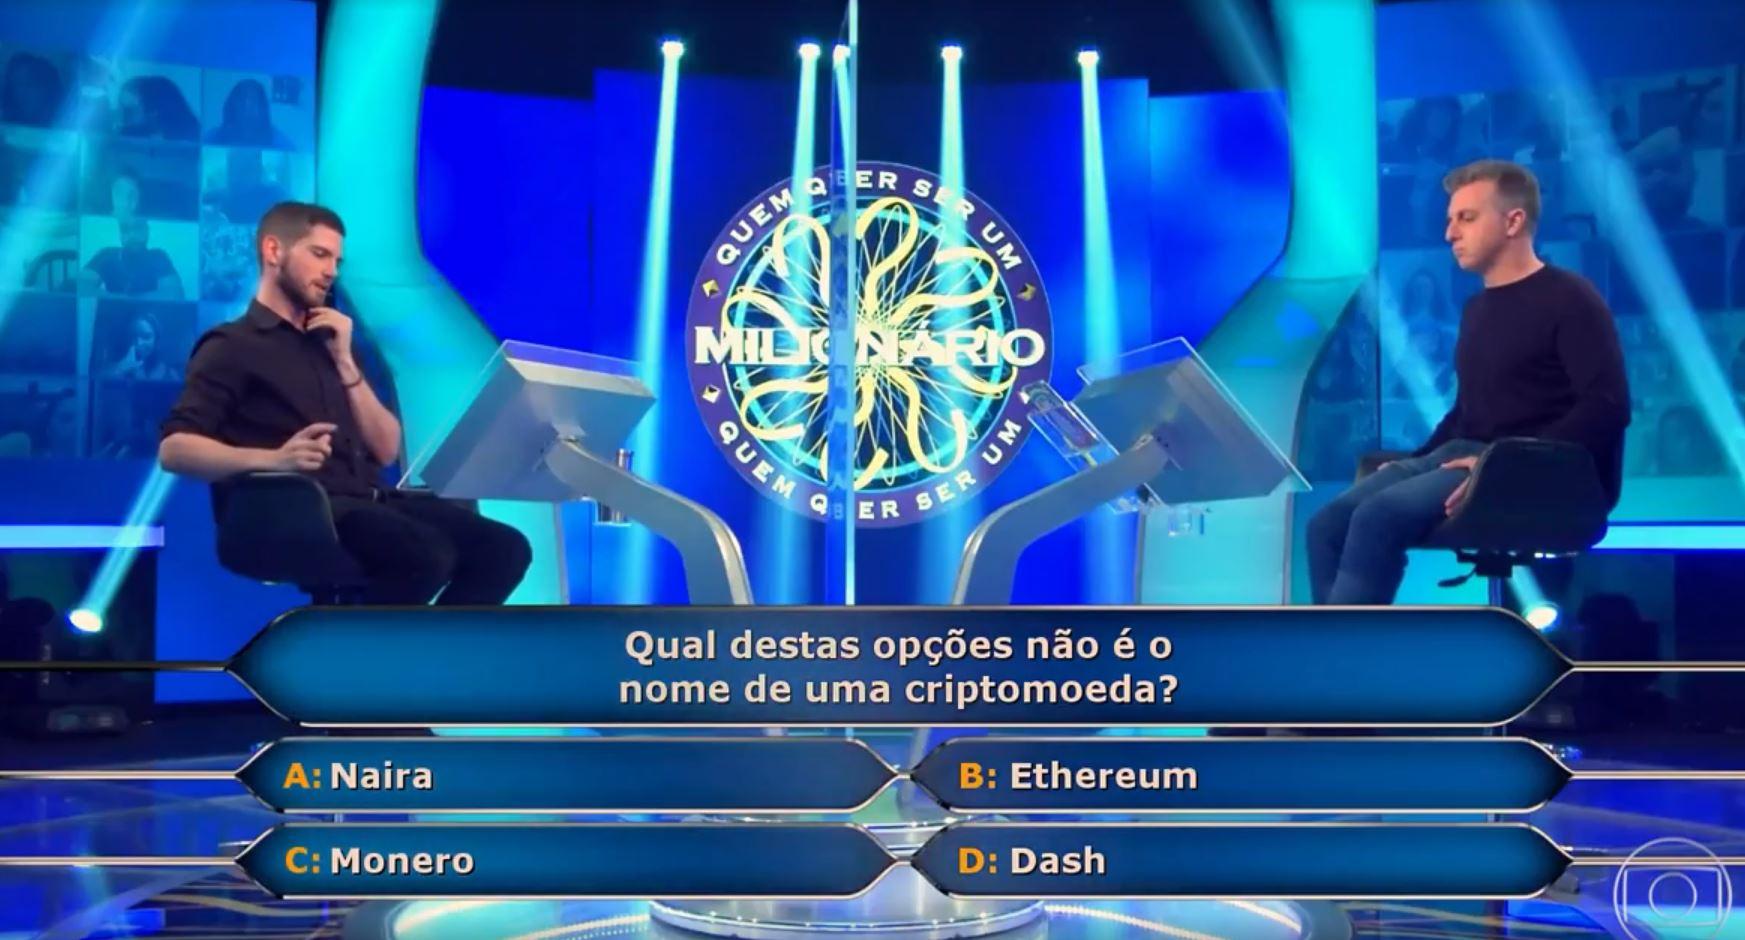 Pergunta sobre criptomoedas feita por Luciano Huck